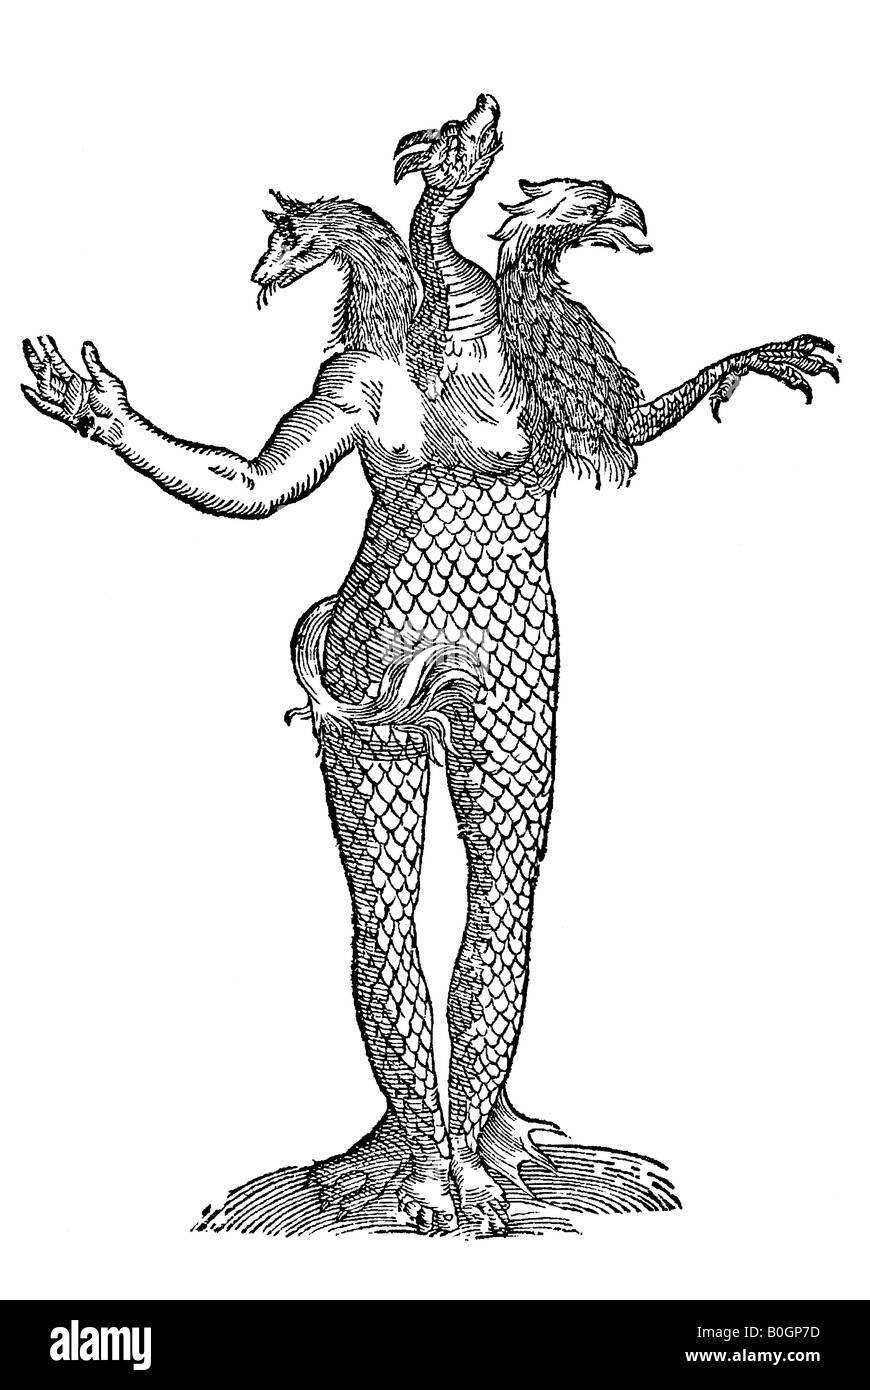 Monstrum triceps capite Vulpis Draconis & Aquilae, Aldrovandi, 1642, 17e siècle, la renaissance, l'Europe Photo Stock